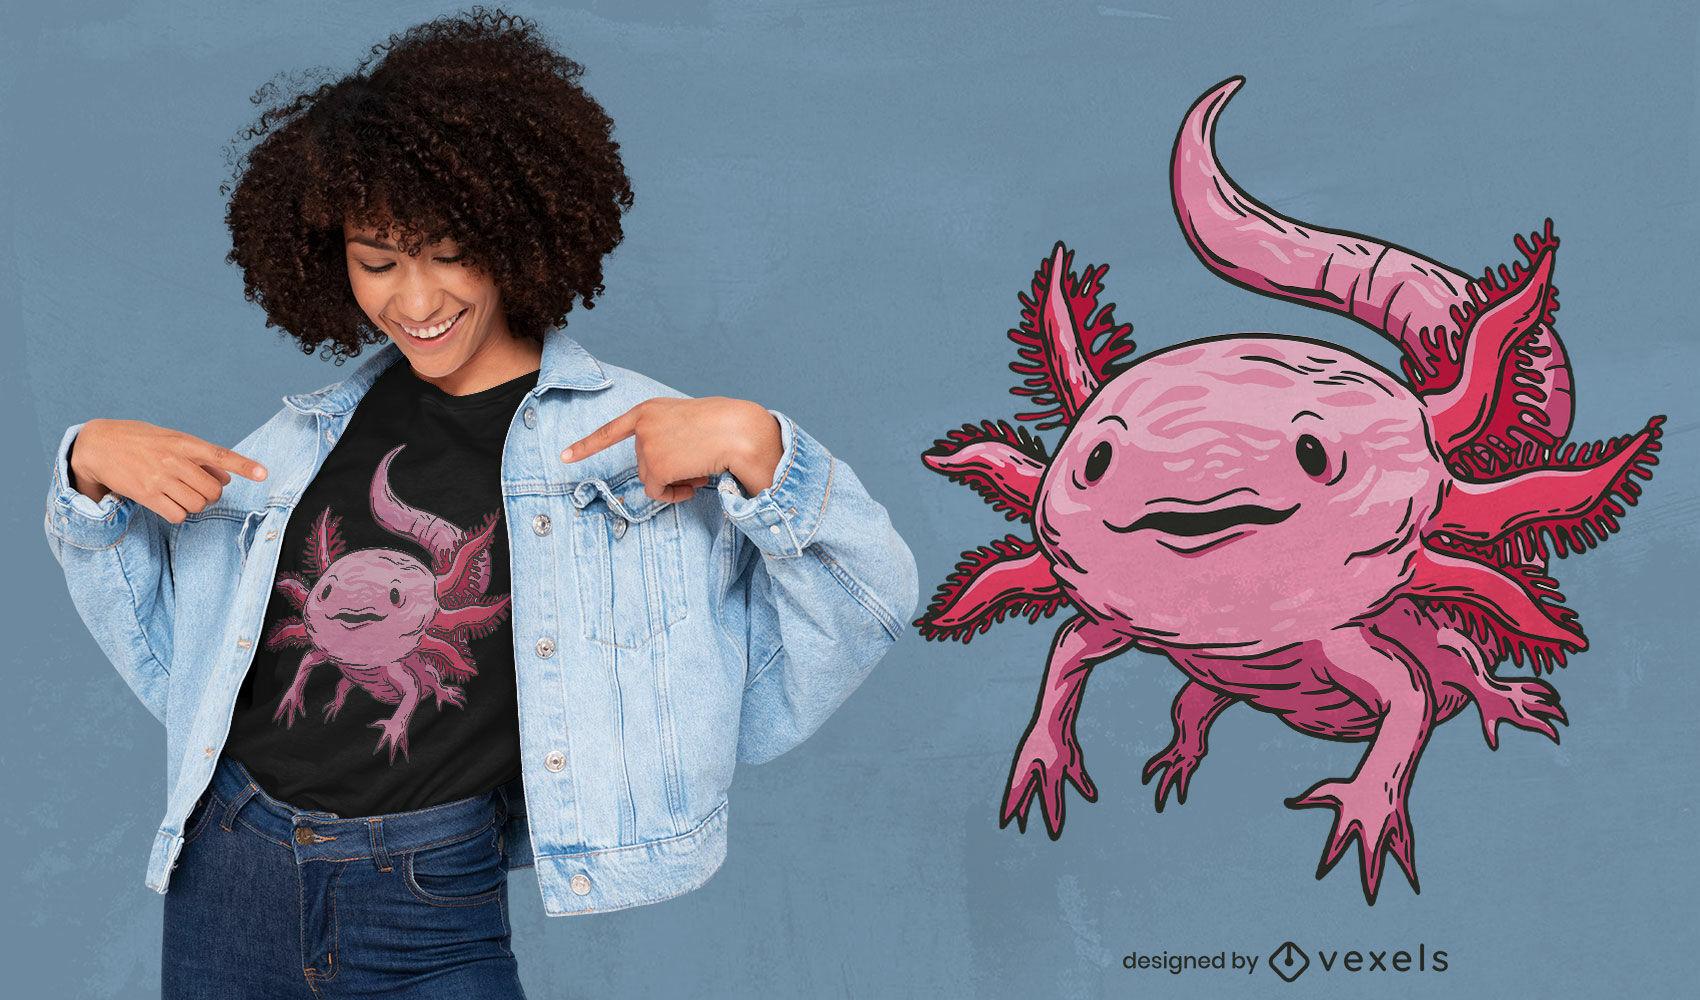 Dise?o de camiseta de axolotl rosa realista